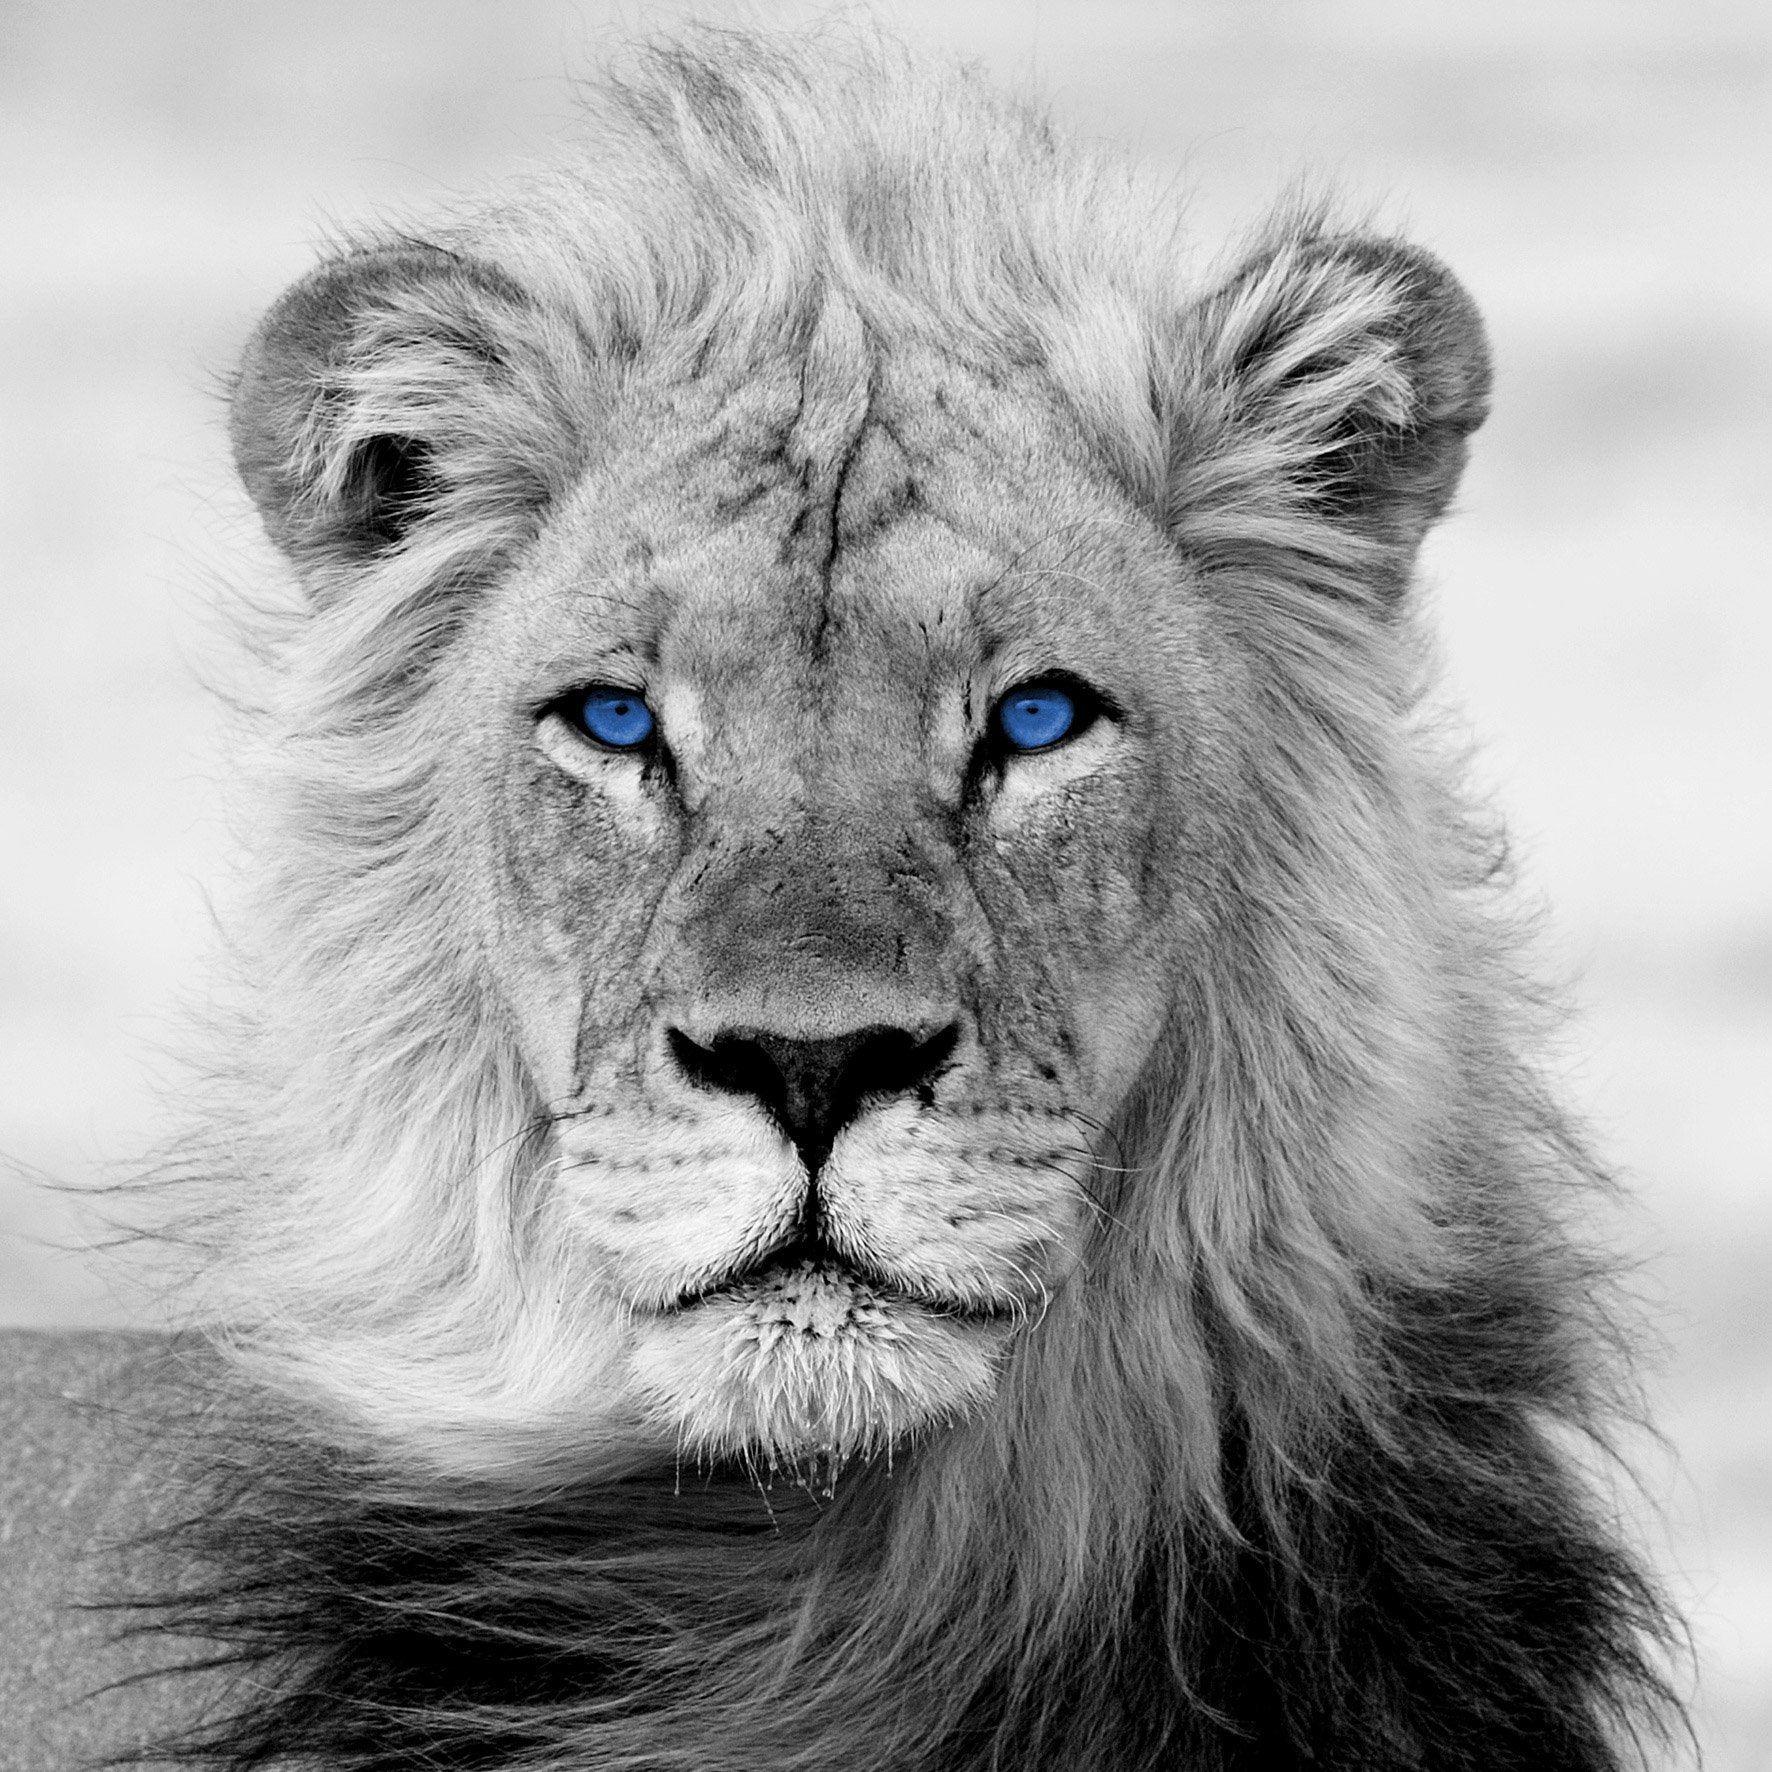 Verre Imprime King Lion Noir Et Blanc Artis L 50 X H 50 Cm En 2020 Lion Noir Et Blanc Lion Noir Fond D Ecran Lion